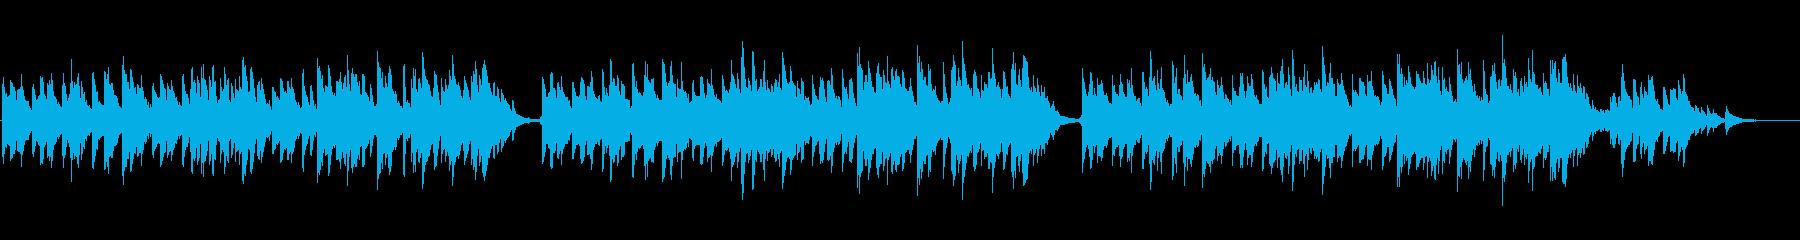 優しくて切ないピアノ曲の再生済みの波形